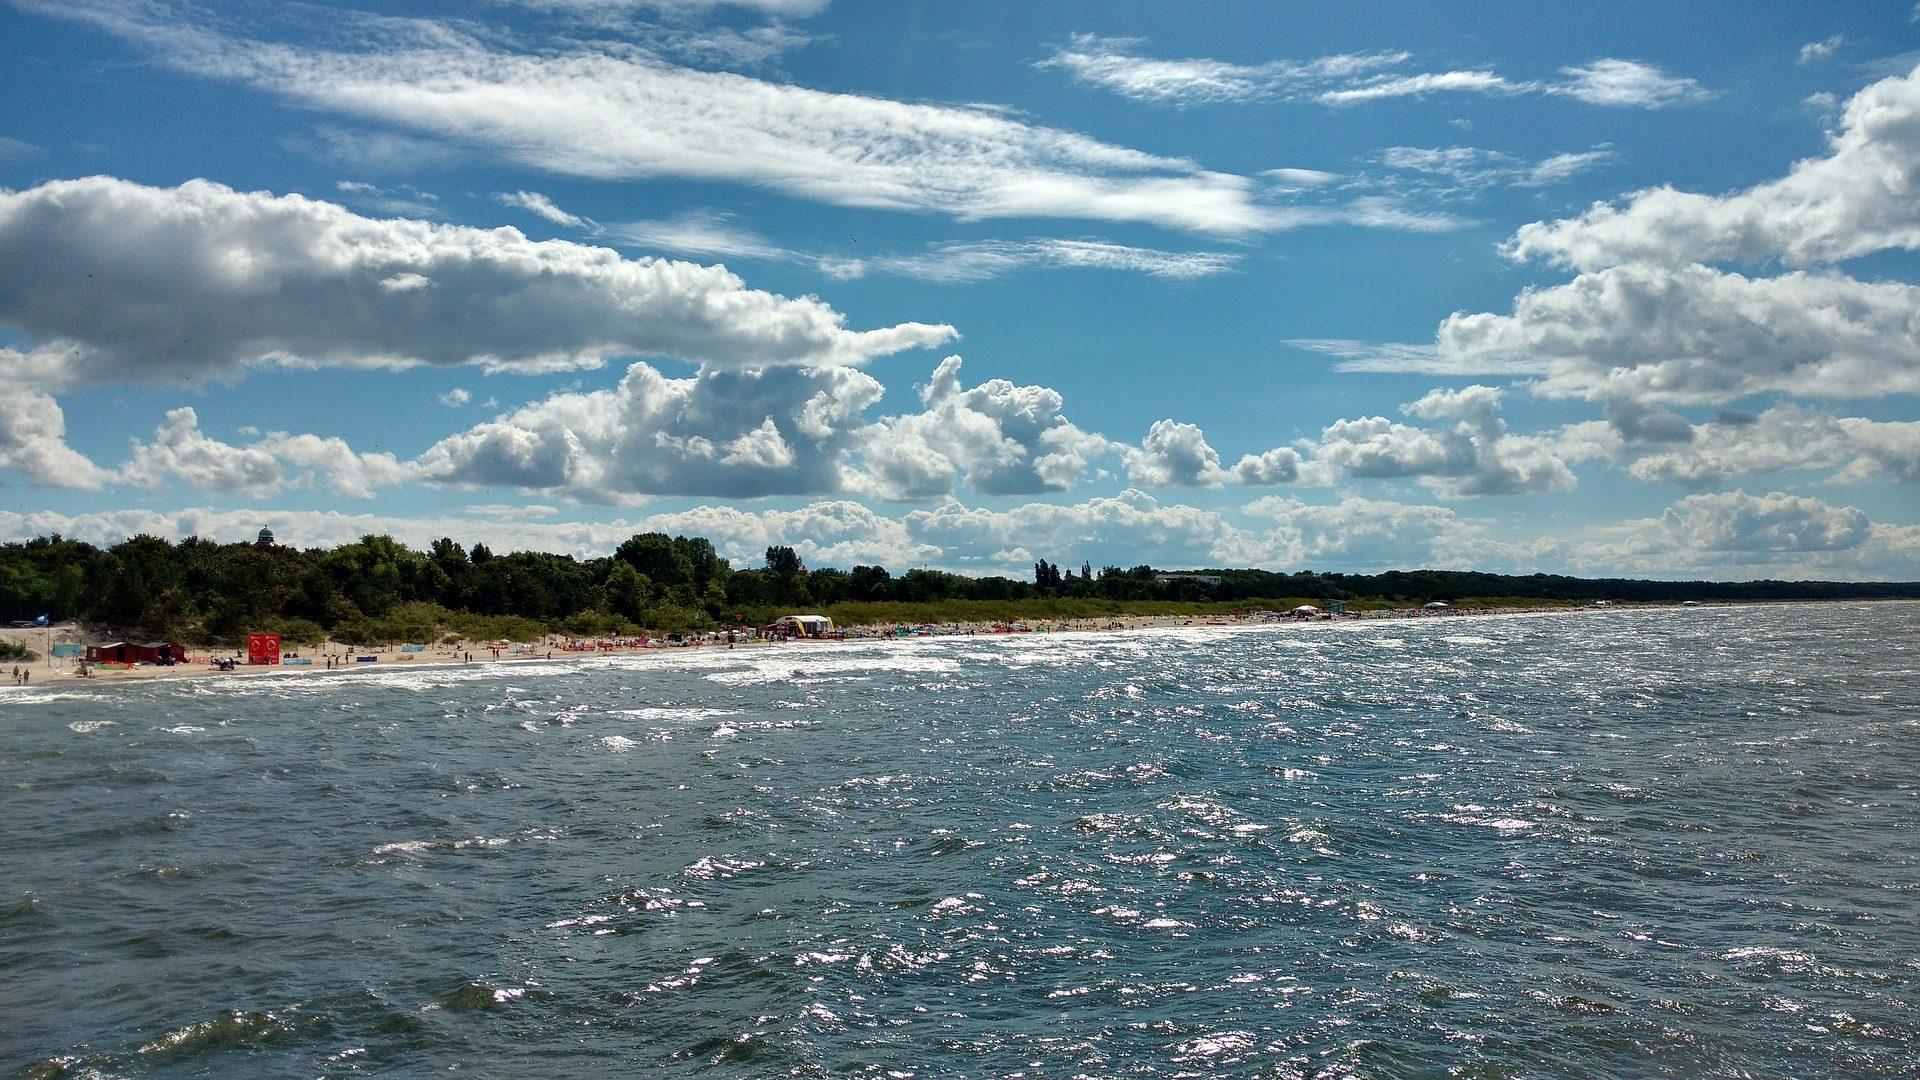 Παραλία, Θάλασσα, κύματα, Ουρανός, σύννεφα, Βαλτική - Wallpapers HD - Professor-falken.com